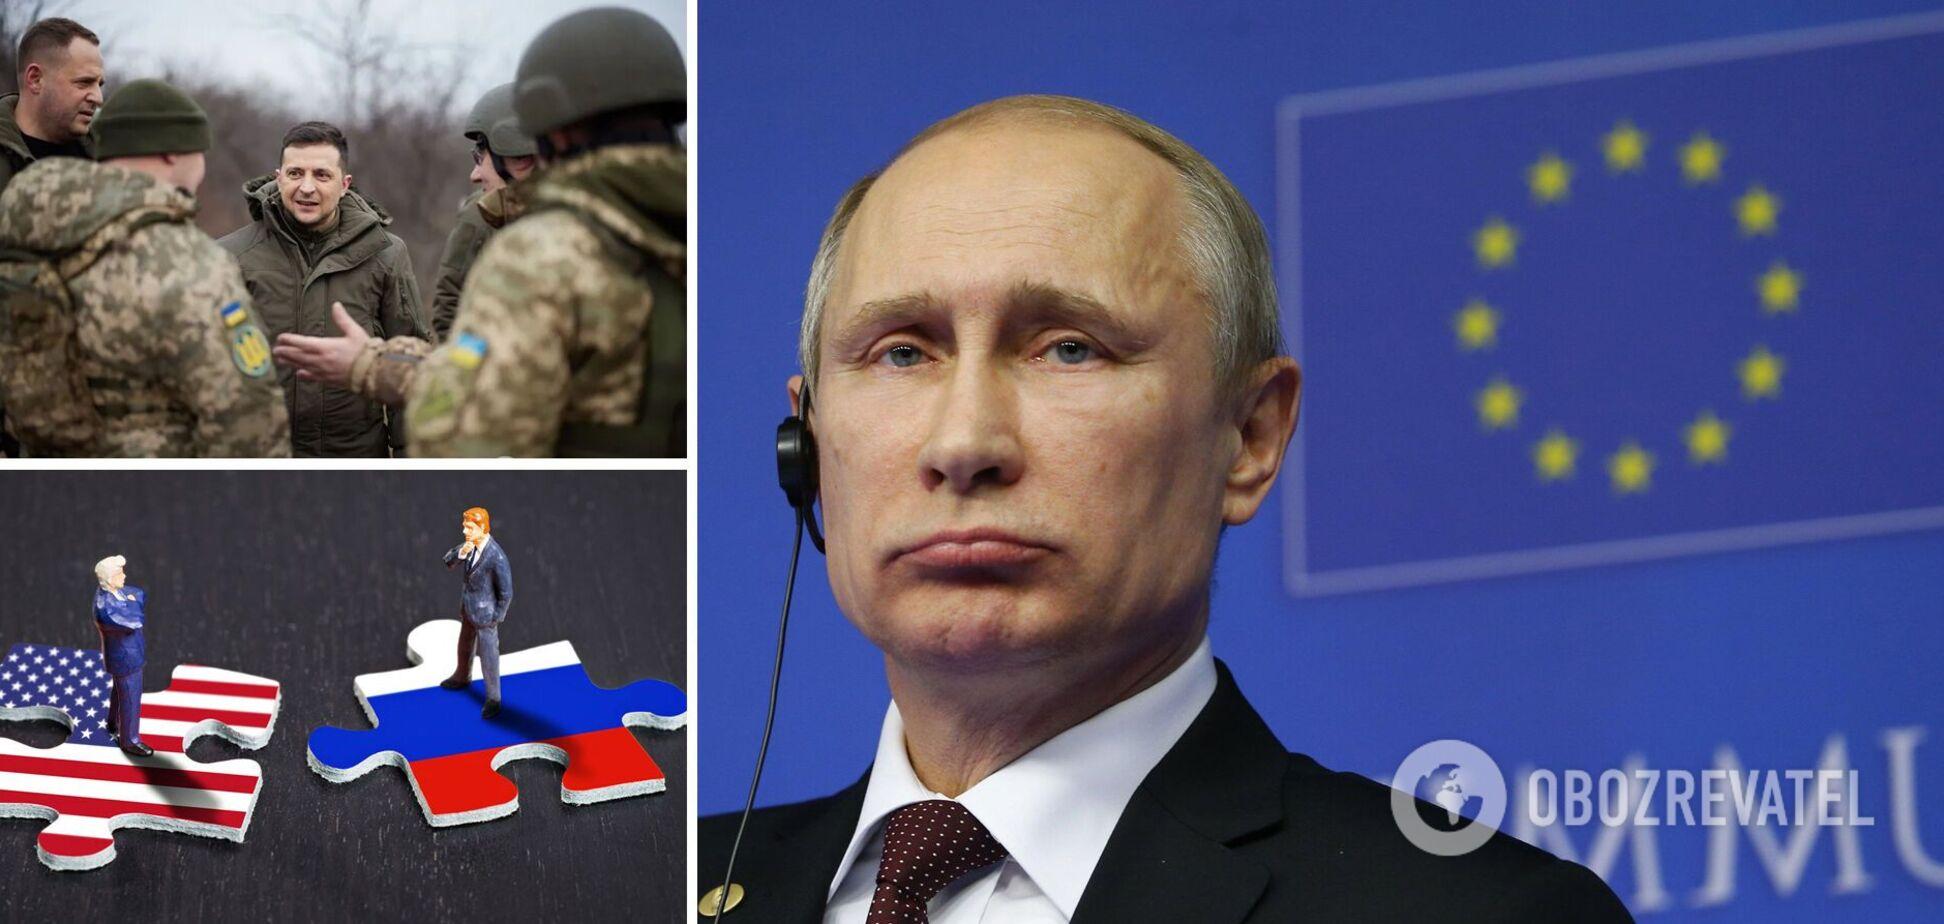 Кравчук: Росія хоче інтегрувати Донецьку та Луганську області, домовитися не вийде